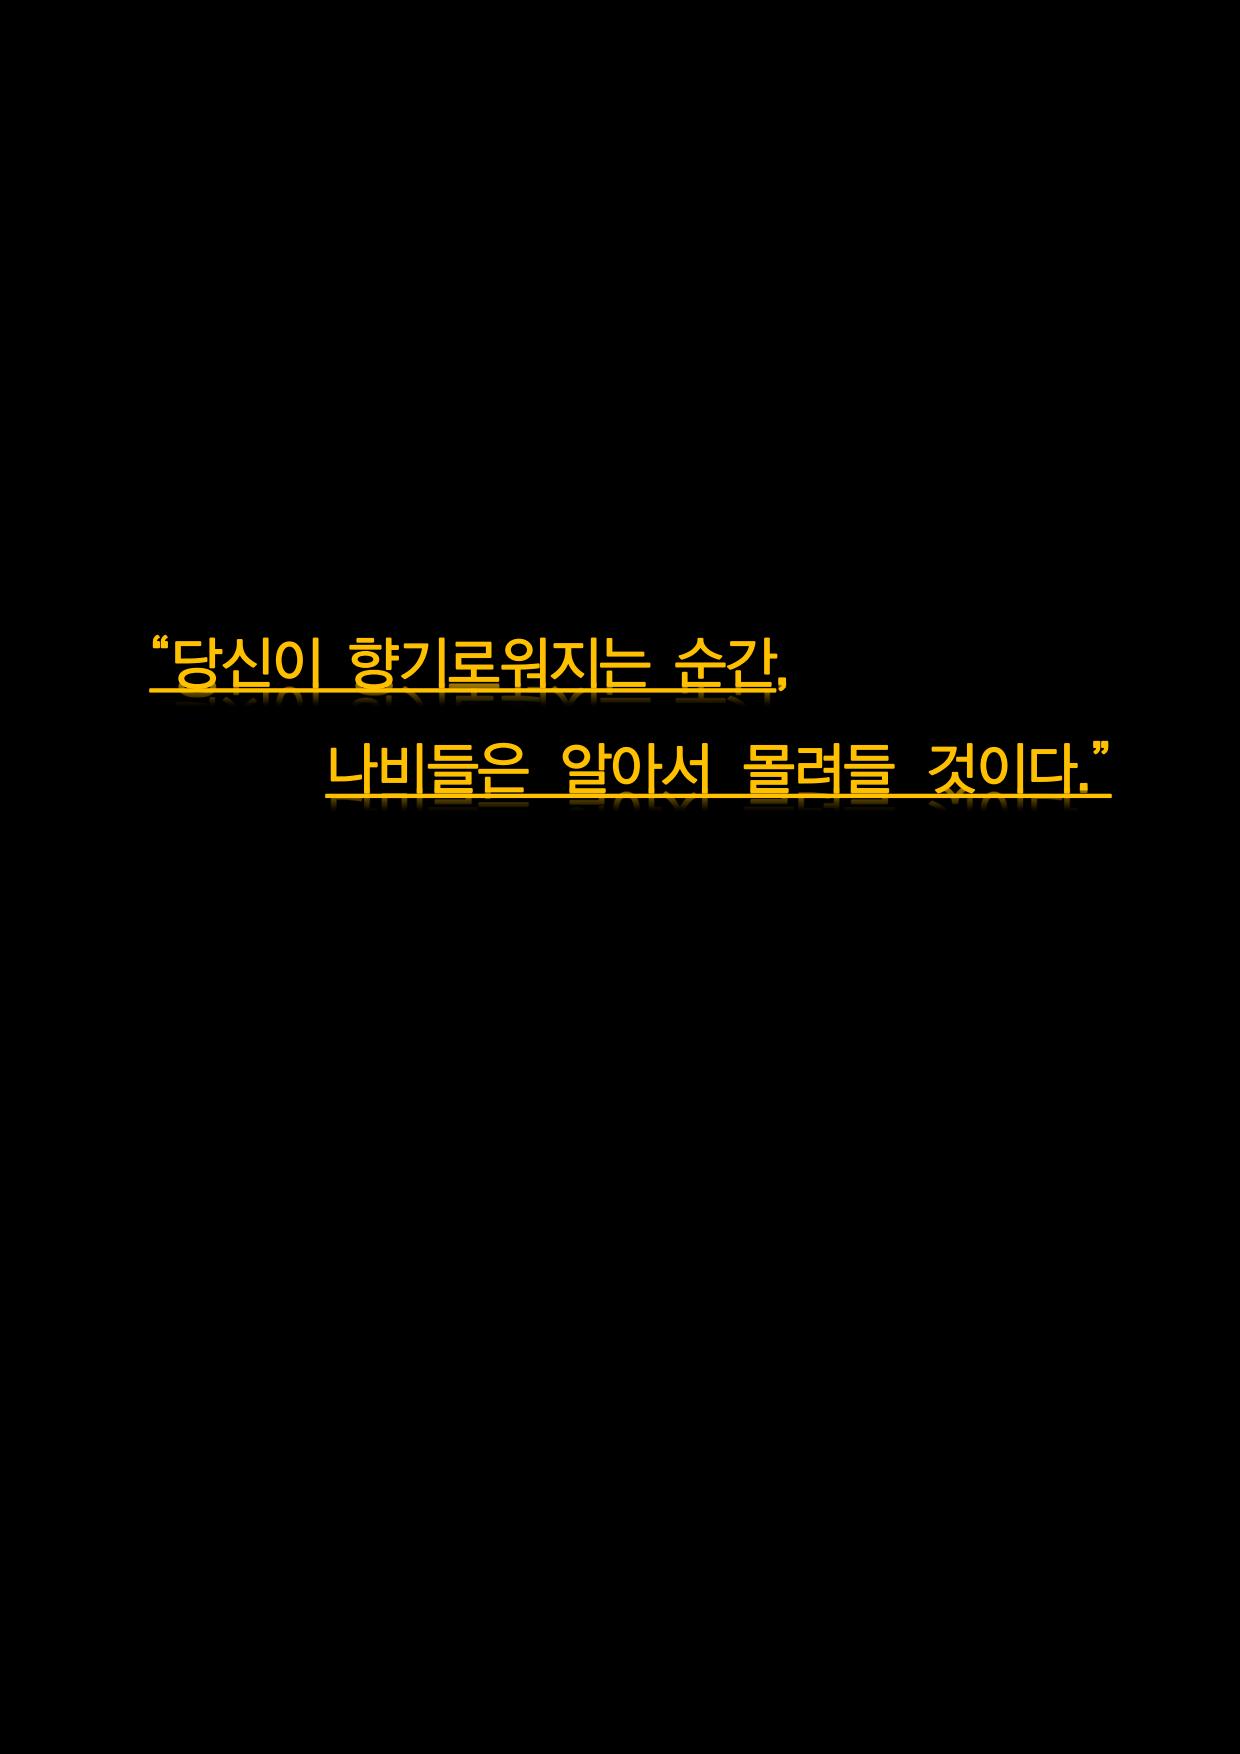 본 머티리어 1회차 홍보글(폰트 포함)_15.png